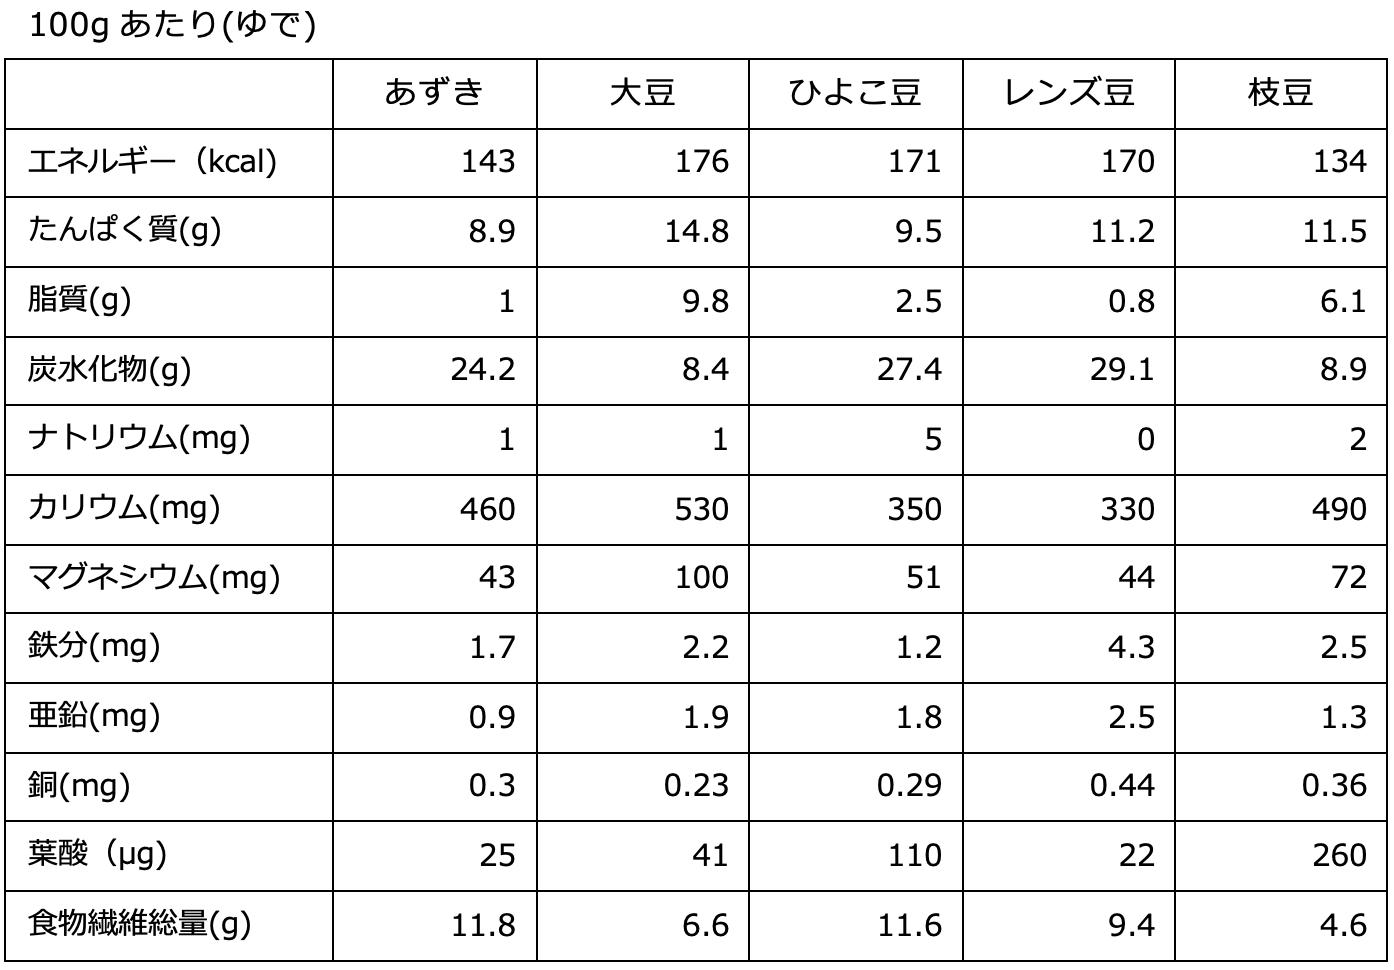 豆類100gあたりの栄養素